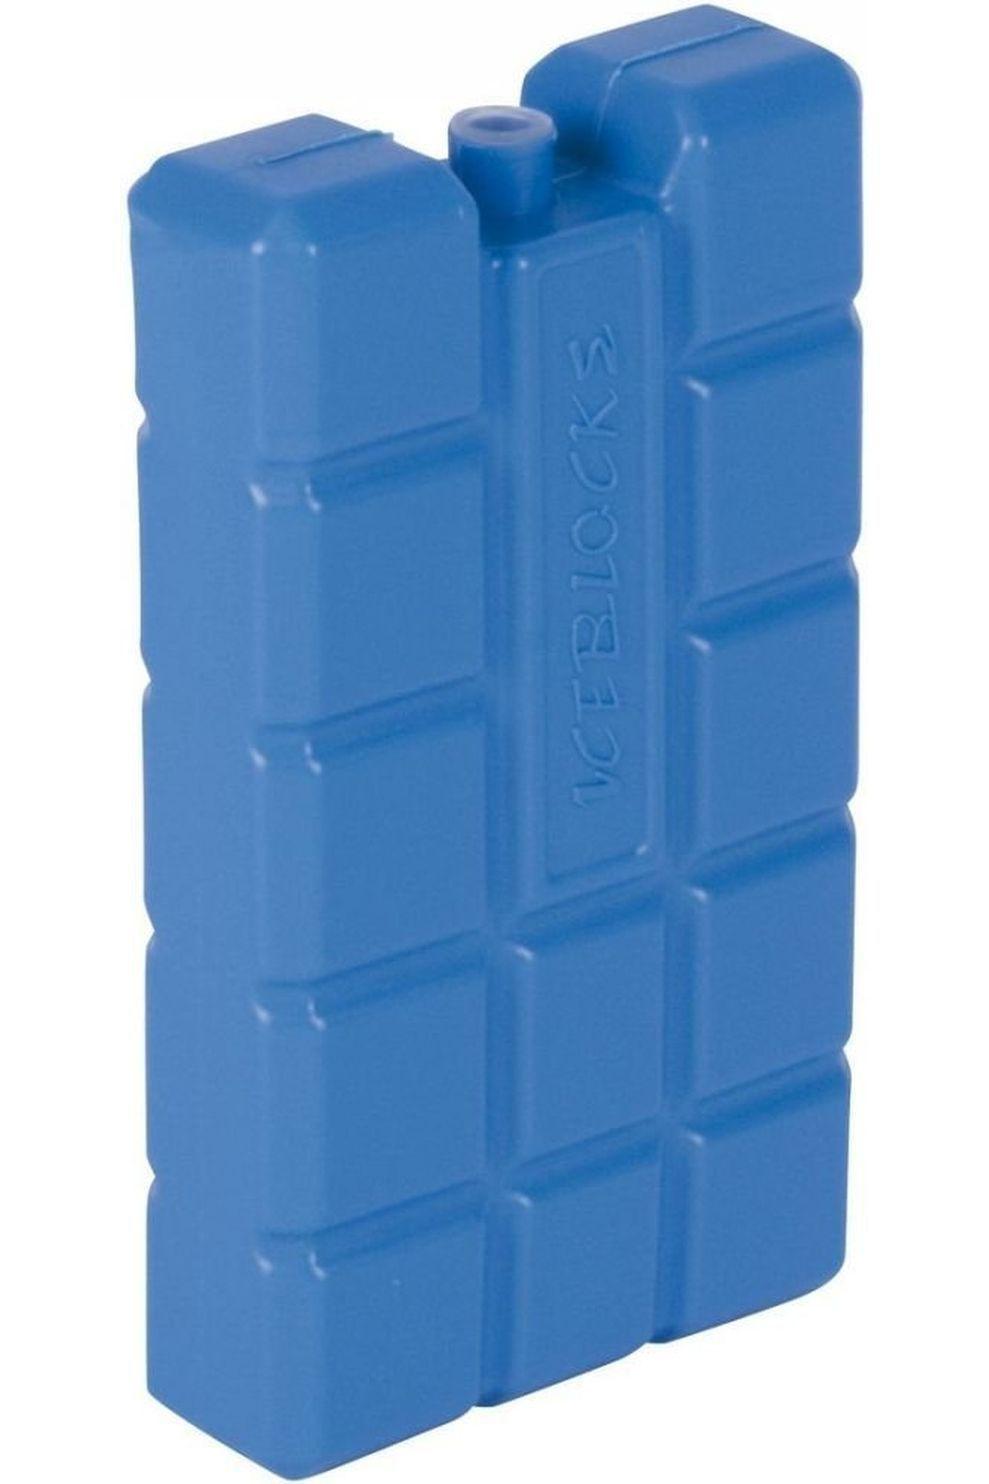 Van Assendelft Diverse Koelelementen - 2 Stuks - 15X8X4 Cm - Blauw - Blauw